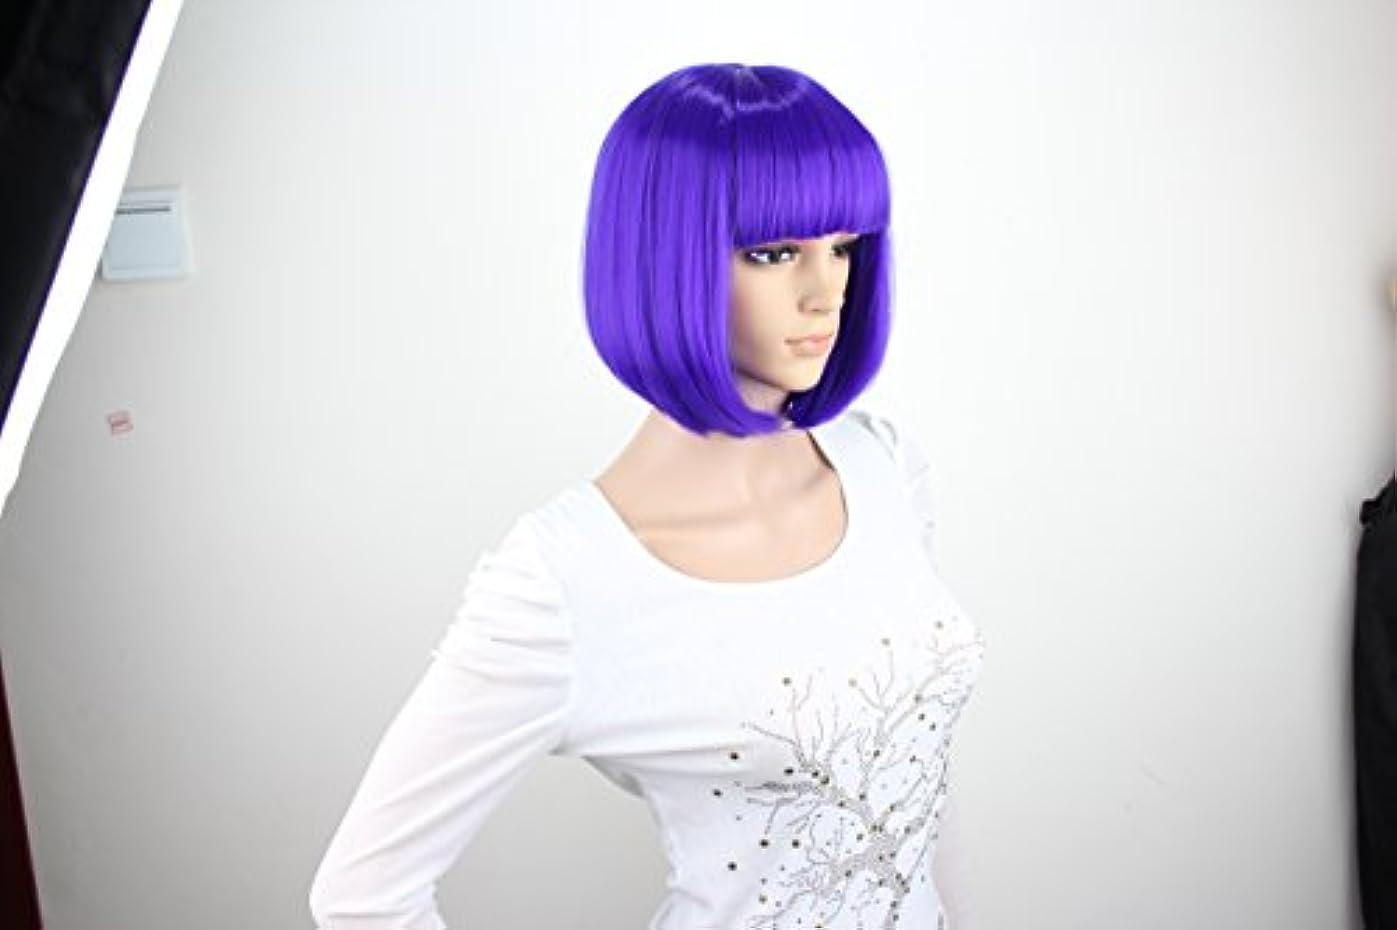 パス引き出しベックスコスプレアニメウィッグ、カラーボブヘア、ぱっつんバング、ダンスパーティーでウィッグ、ヘアカバー (つや消しの紫)